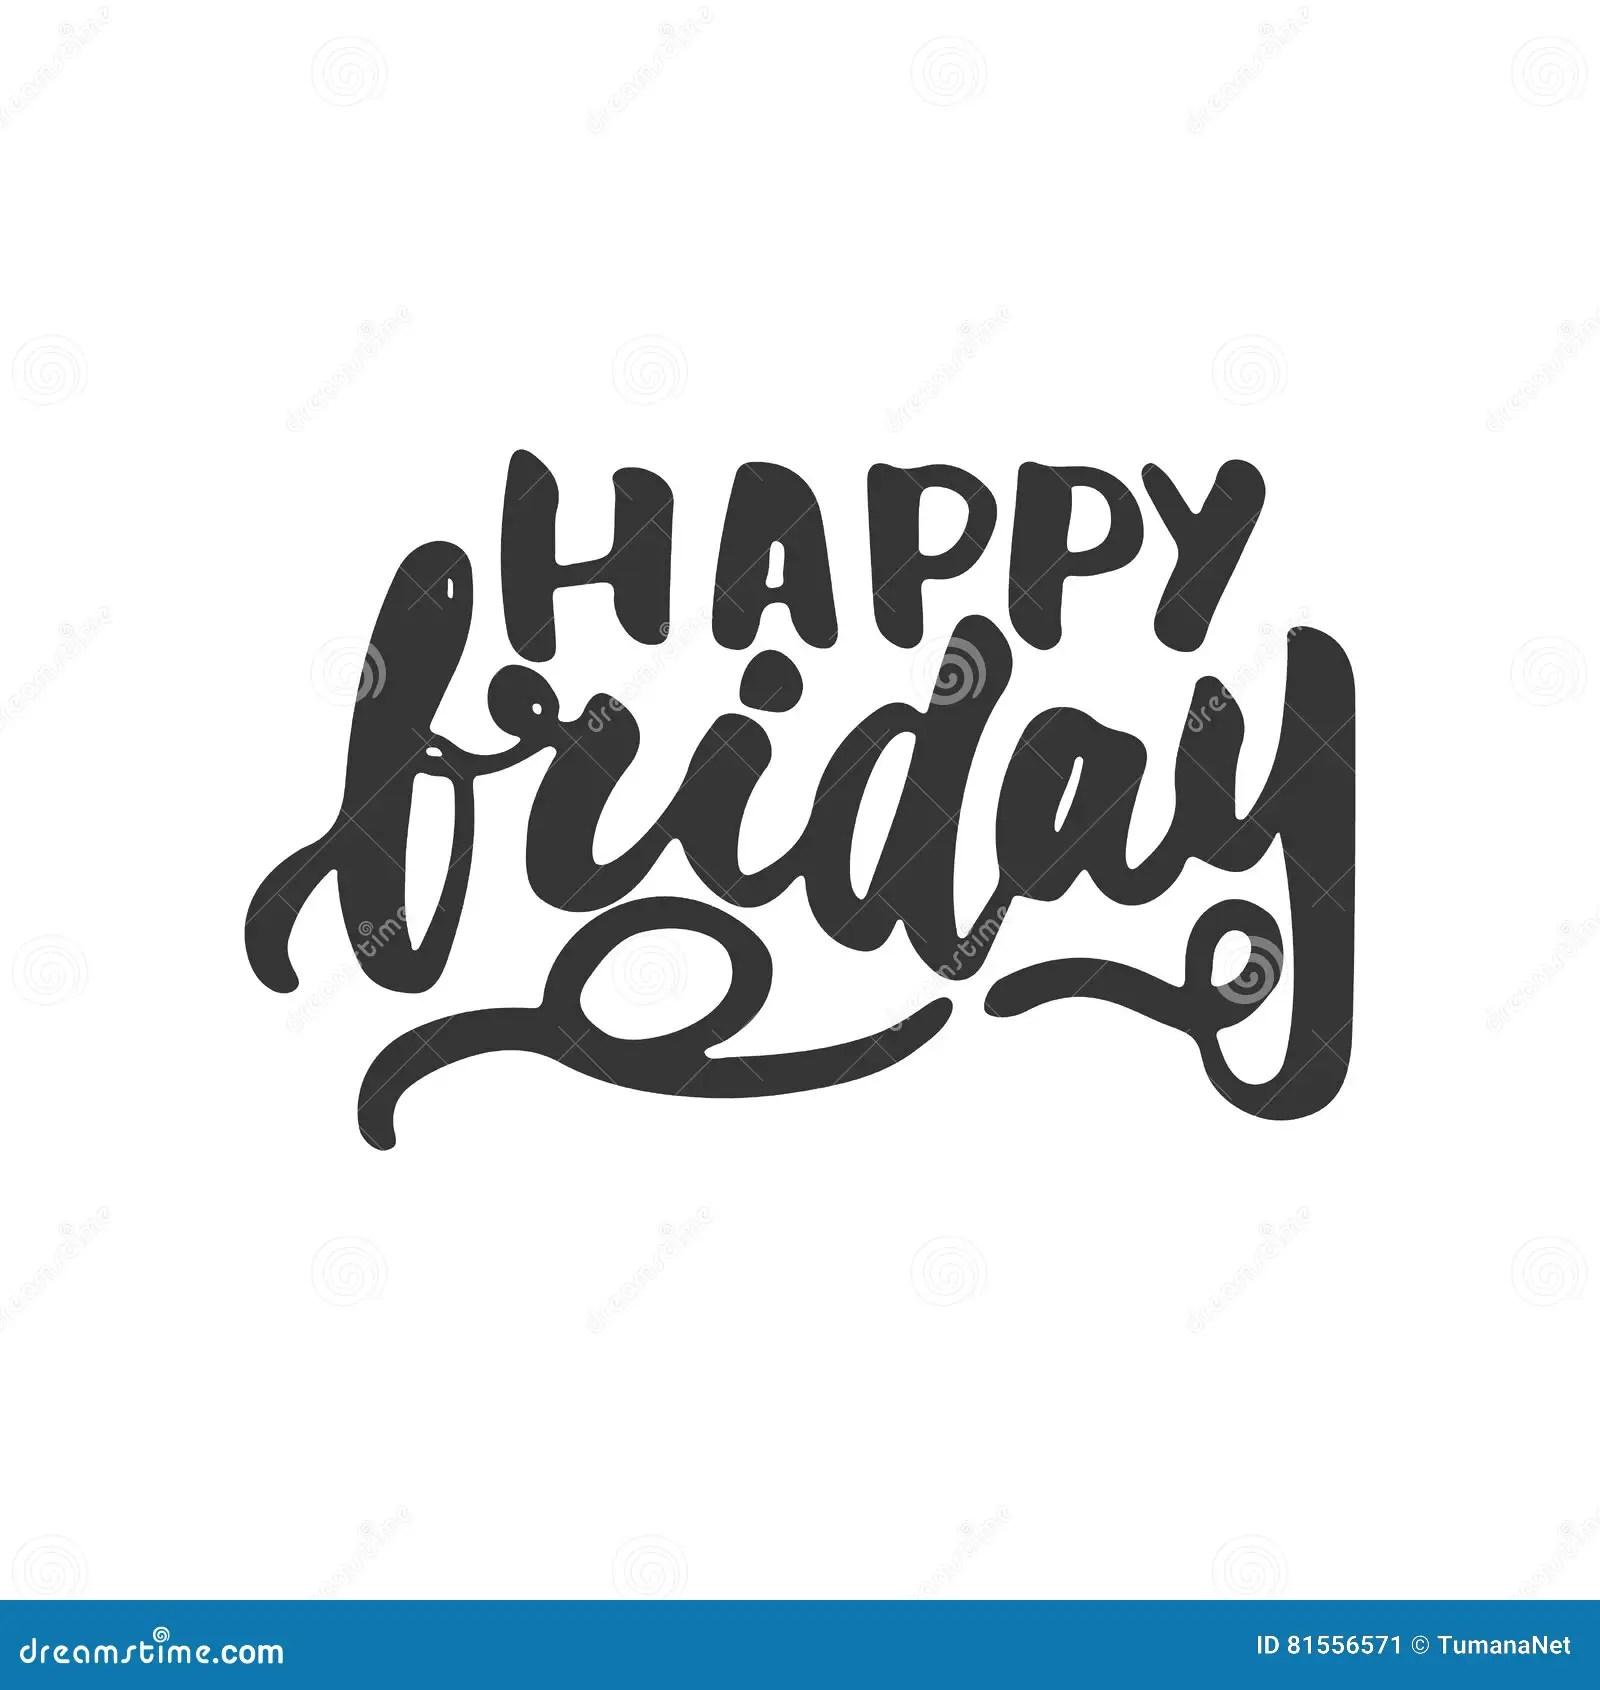 Happy Friday Positive Quote Handwritten Vector